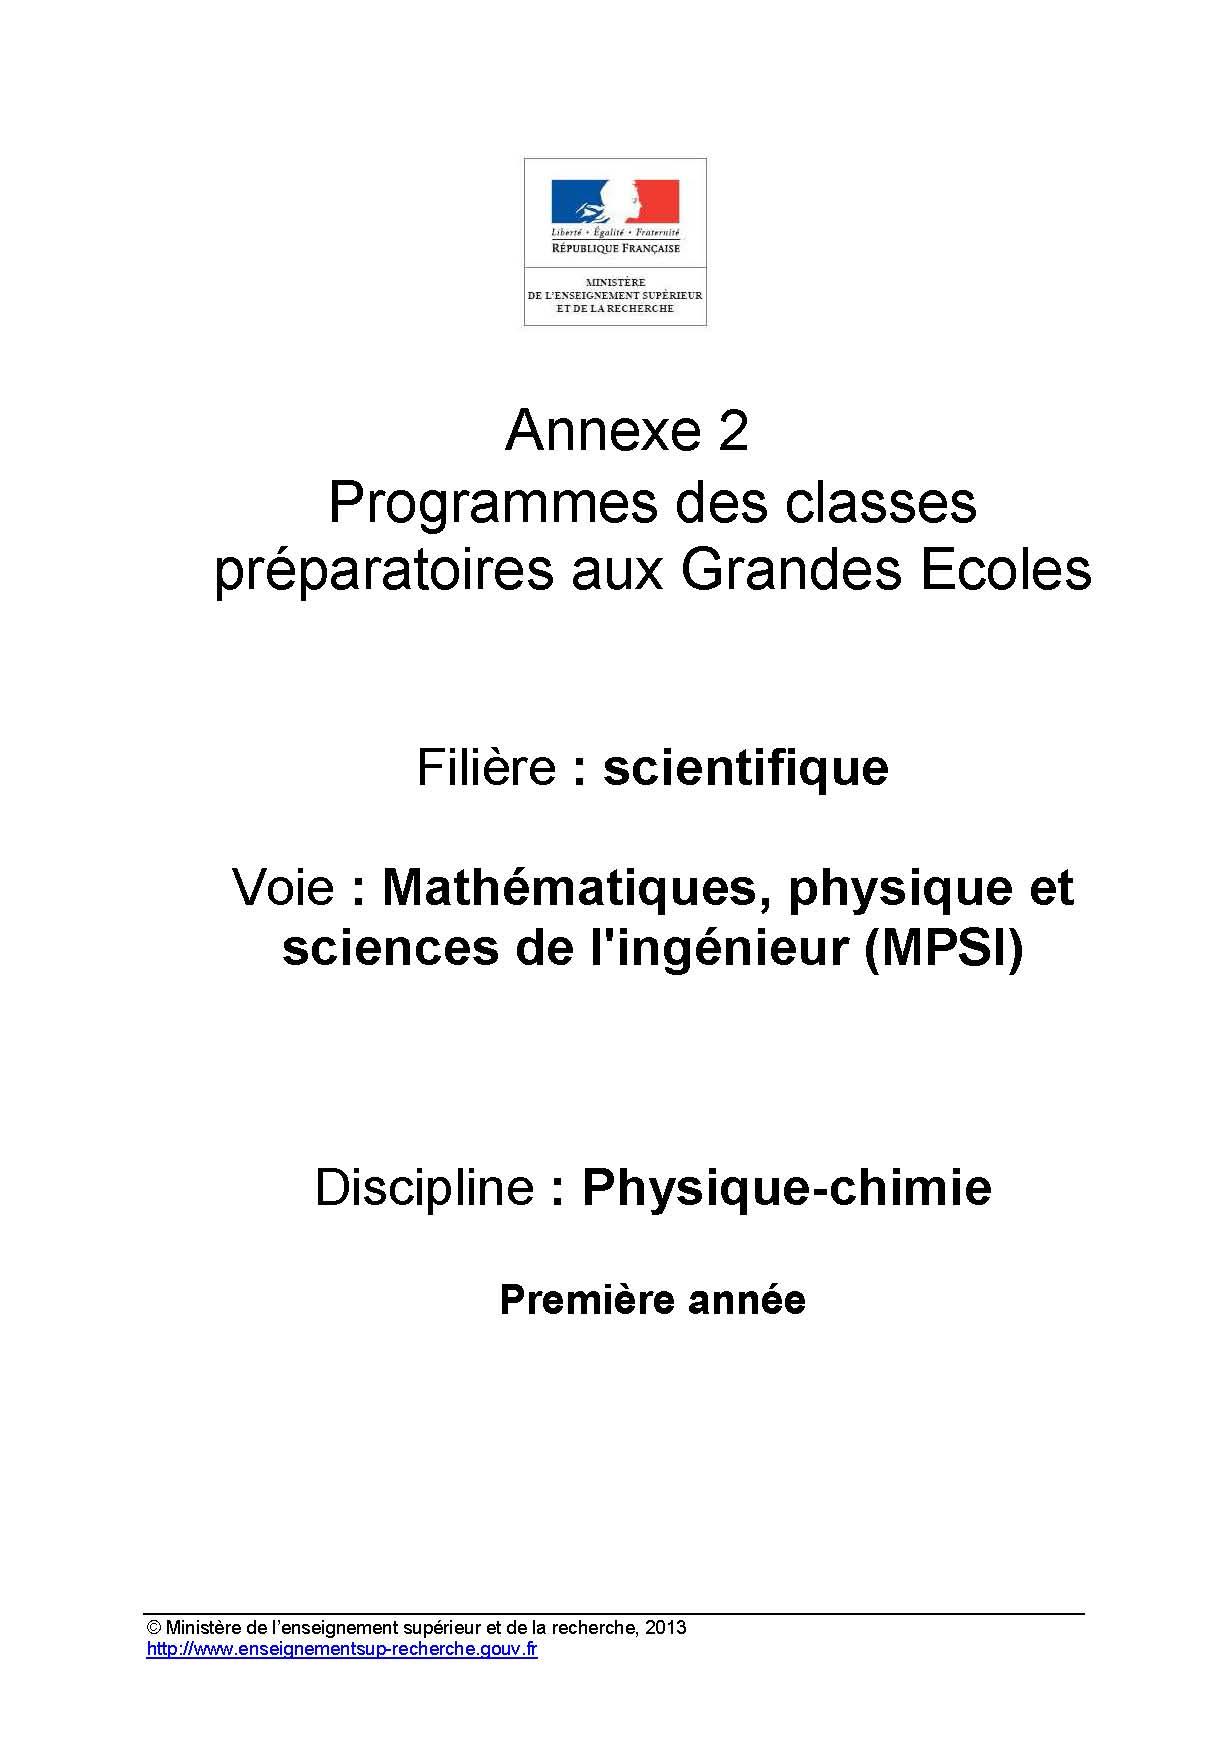 Annexes et programme sciences Physiques en MPSI